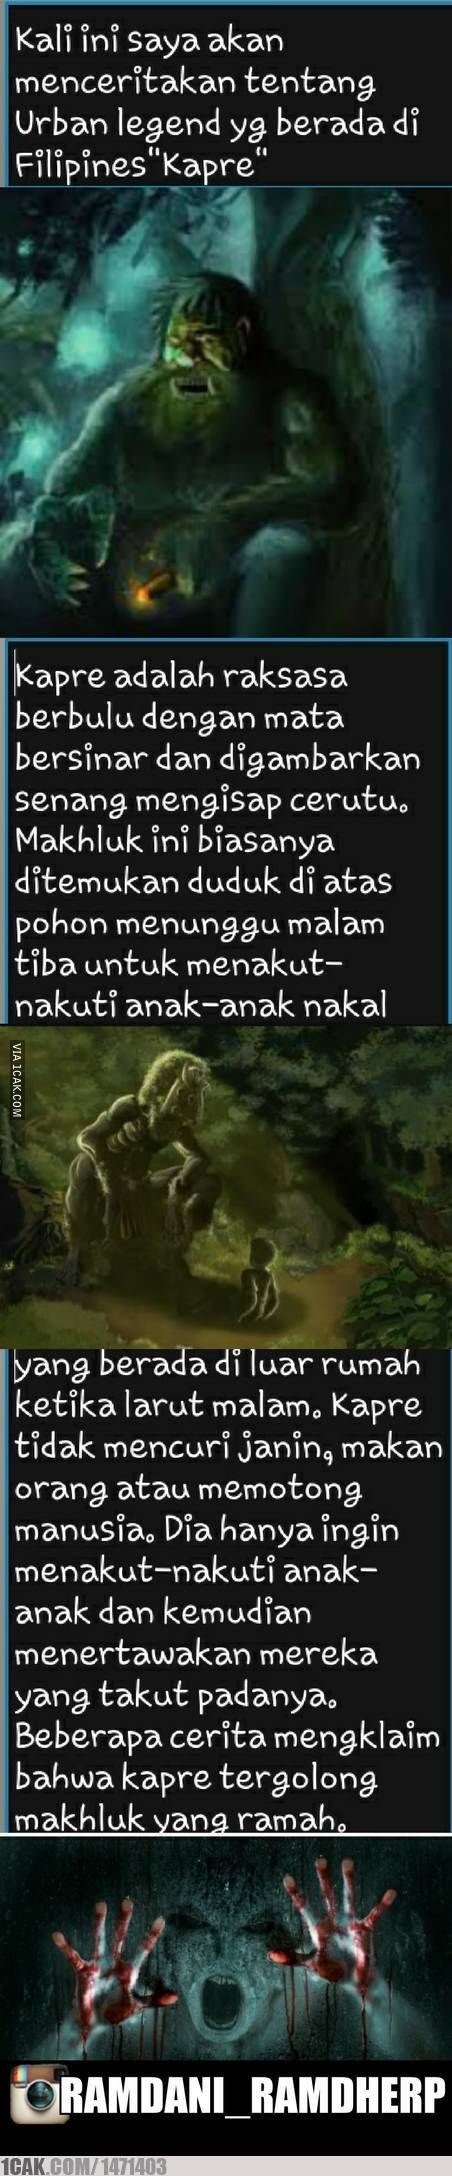 17 Best Images About Meme Indonesia Lucu V V On Pinterest